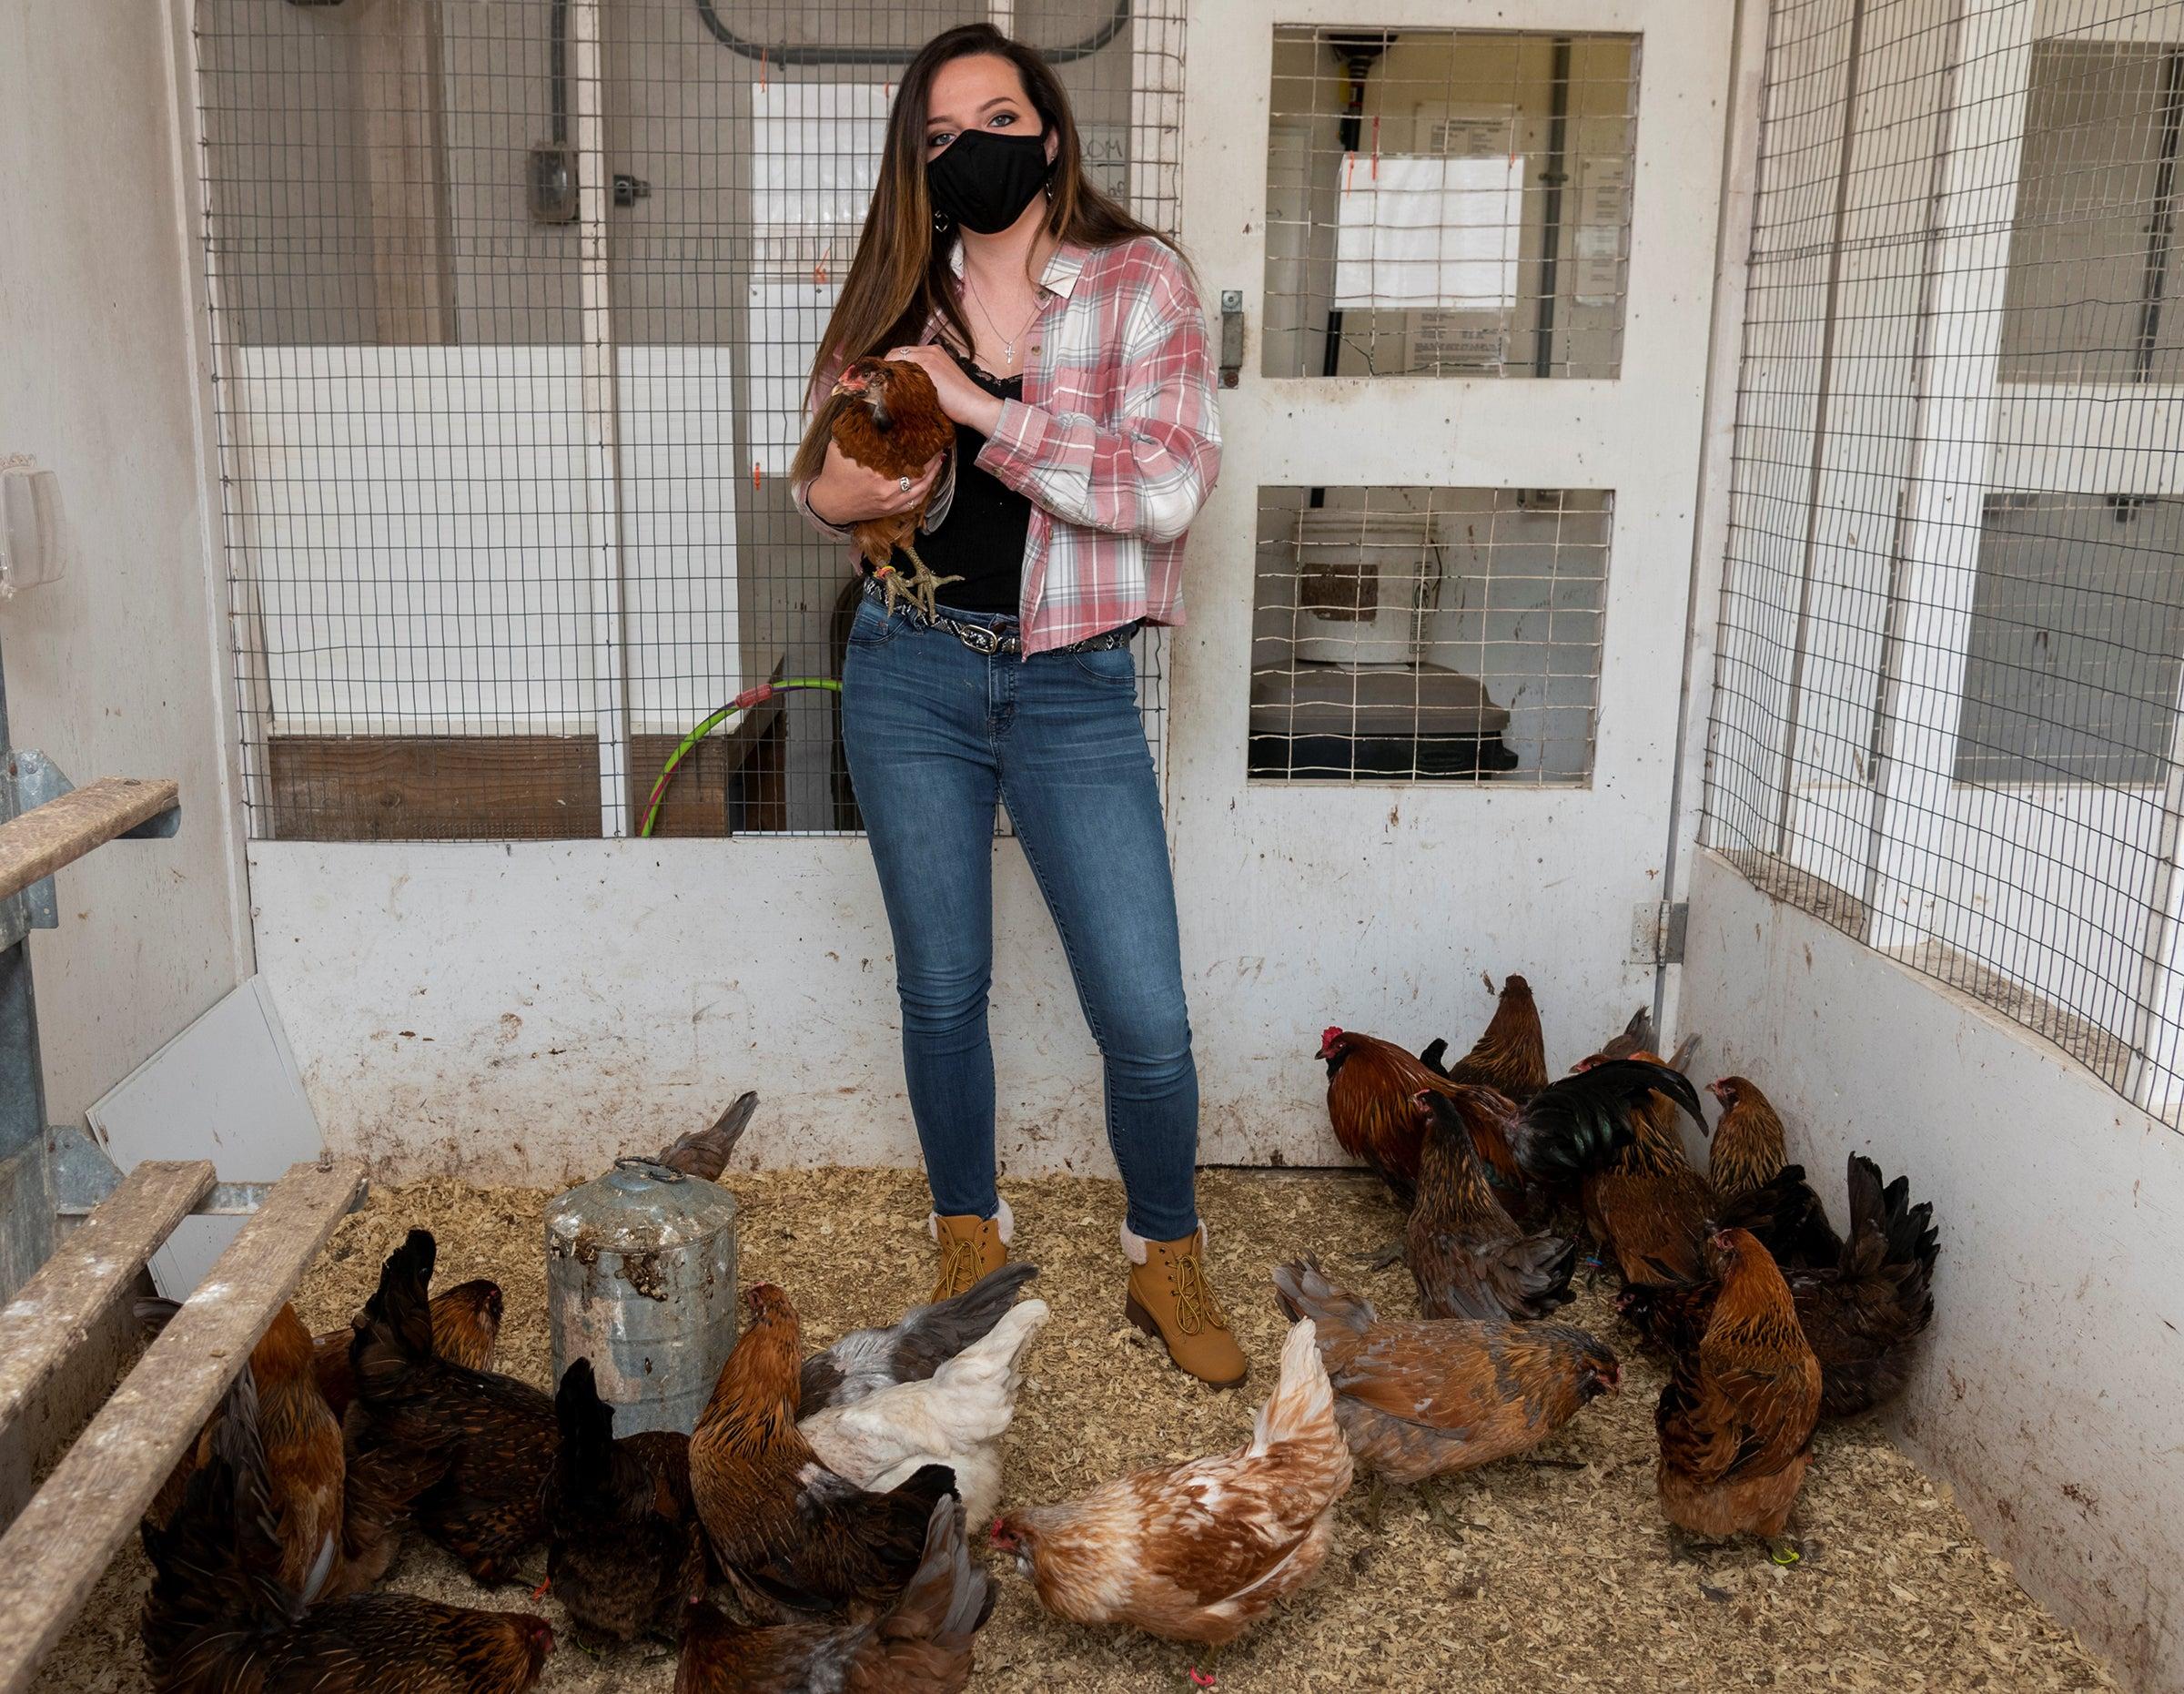 Jessica Weidemann with chickens